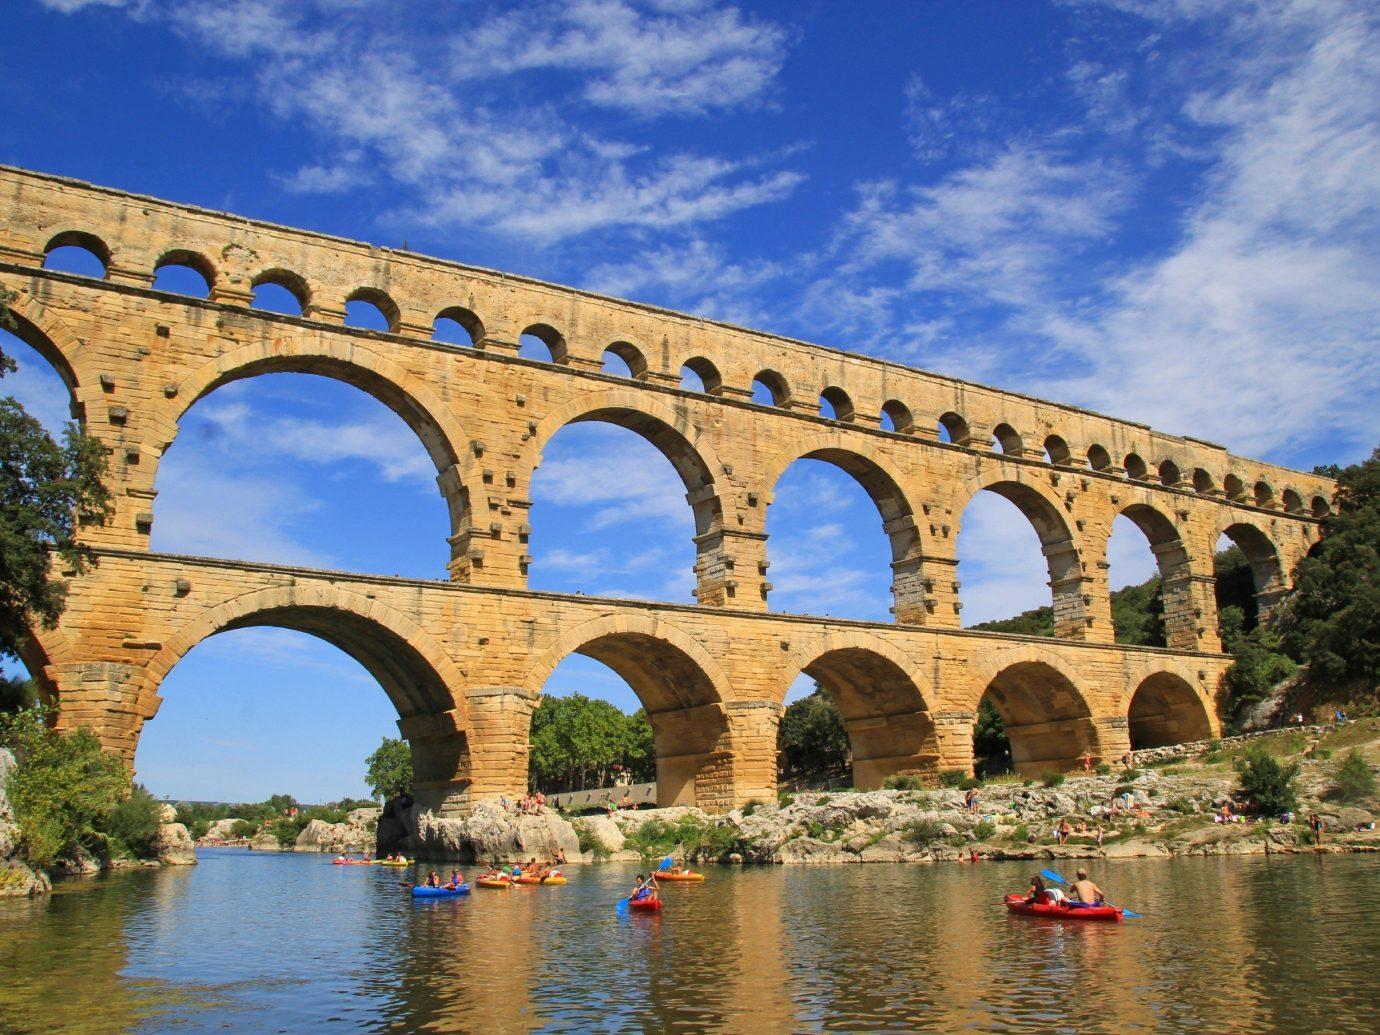 Trip Ideas sky outdoor bridge building water aqueduct arch bridge landmark River viaduct arch tourism waterway devil's bridge nonbuilding structure